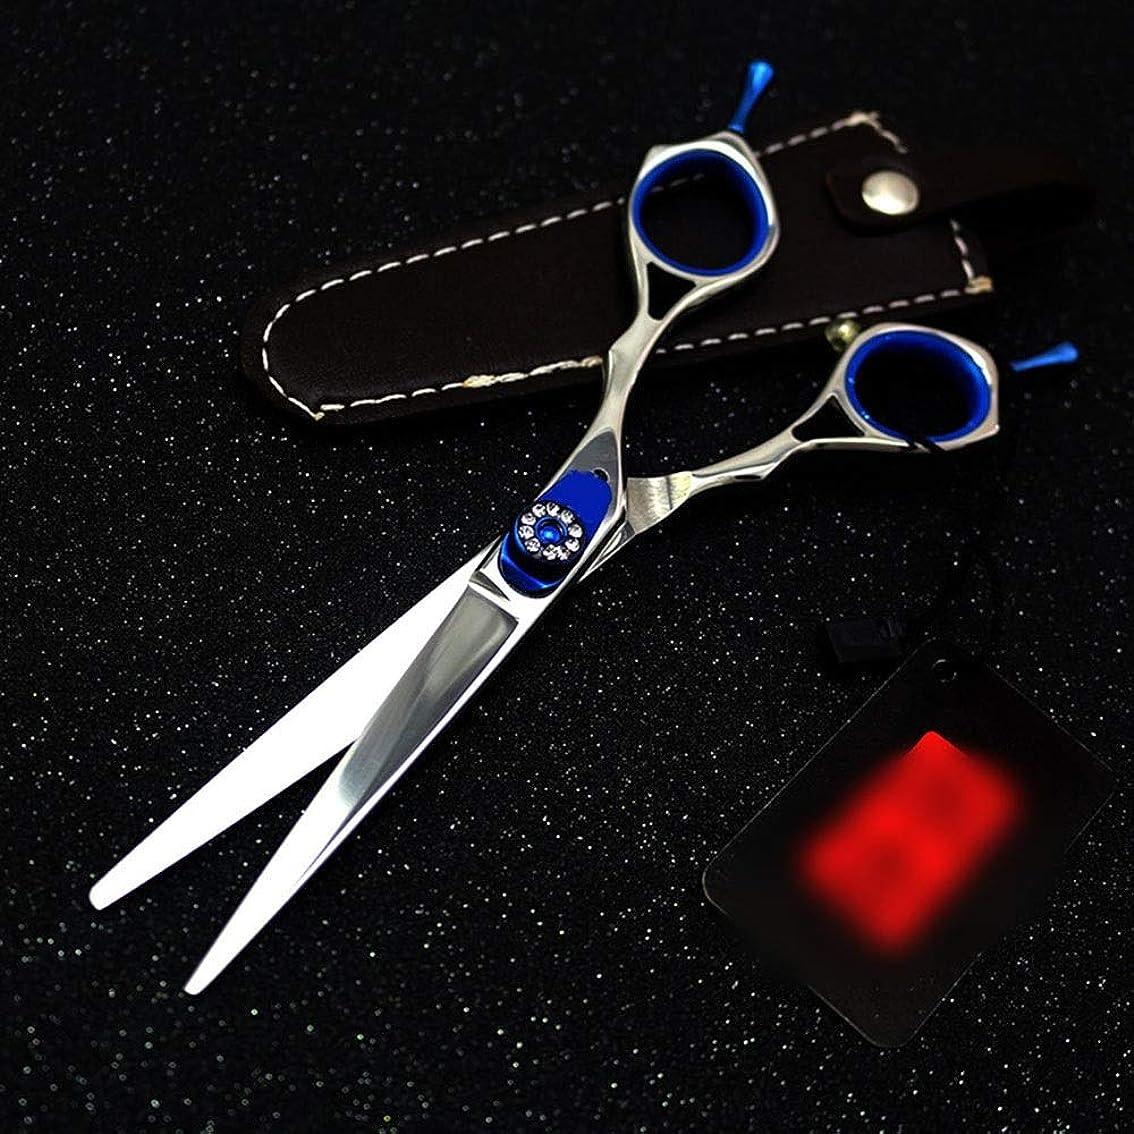 応答いつでもカリキュラムカットハサミ ヘアスタイリングツール 6インチプロフェッショナル両面理髪はさみ、宝石用原石理髪プロフェッショナルはさみ ヘアカットシザー (色 : 青)